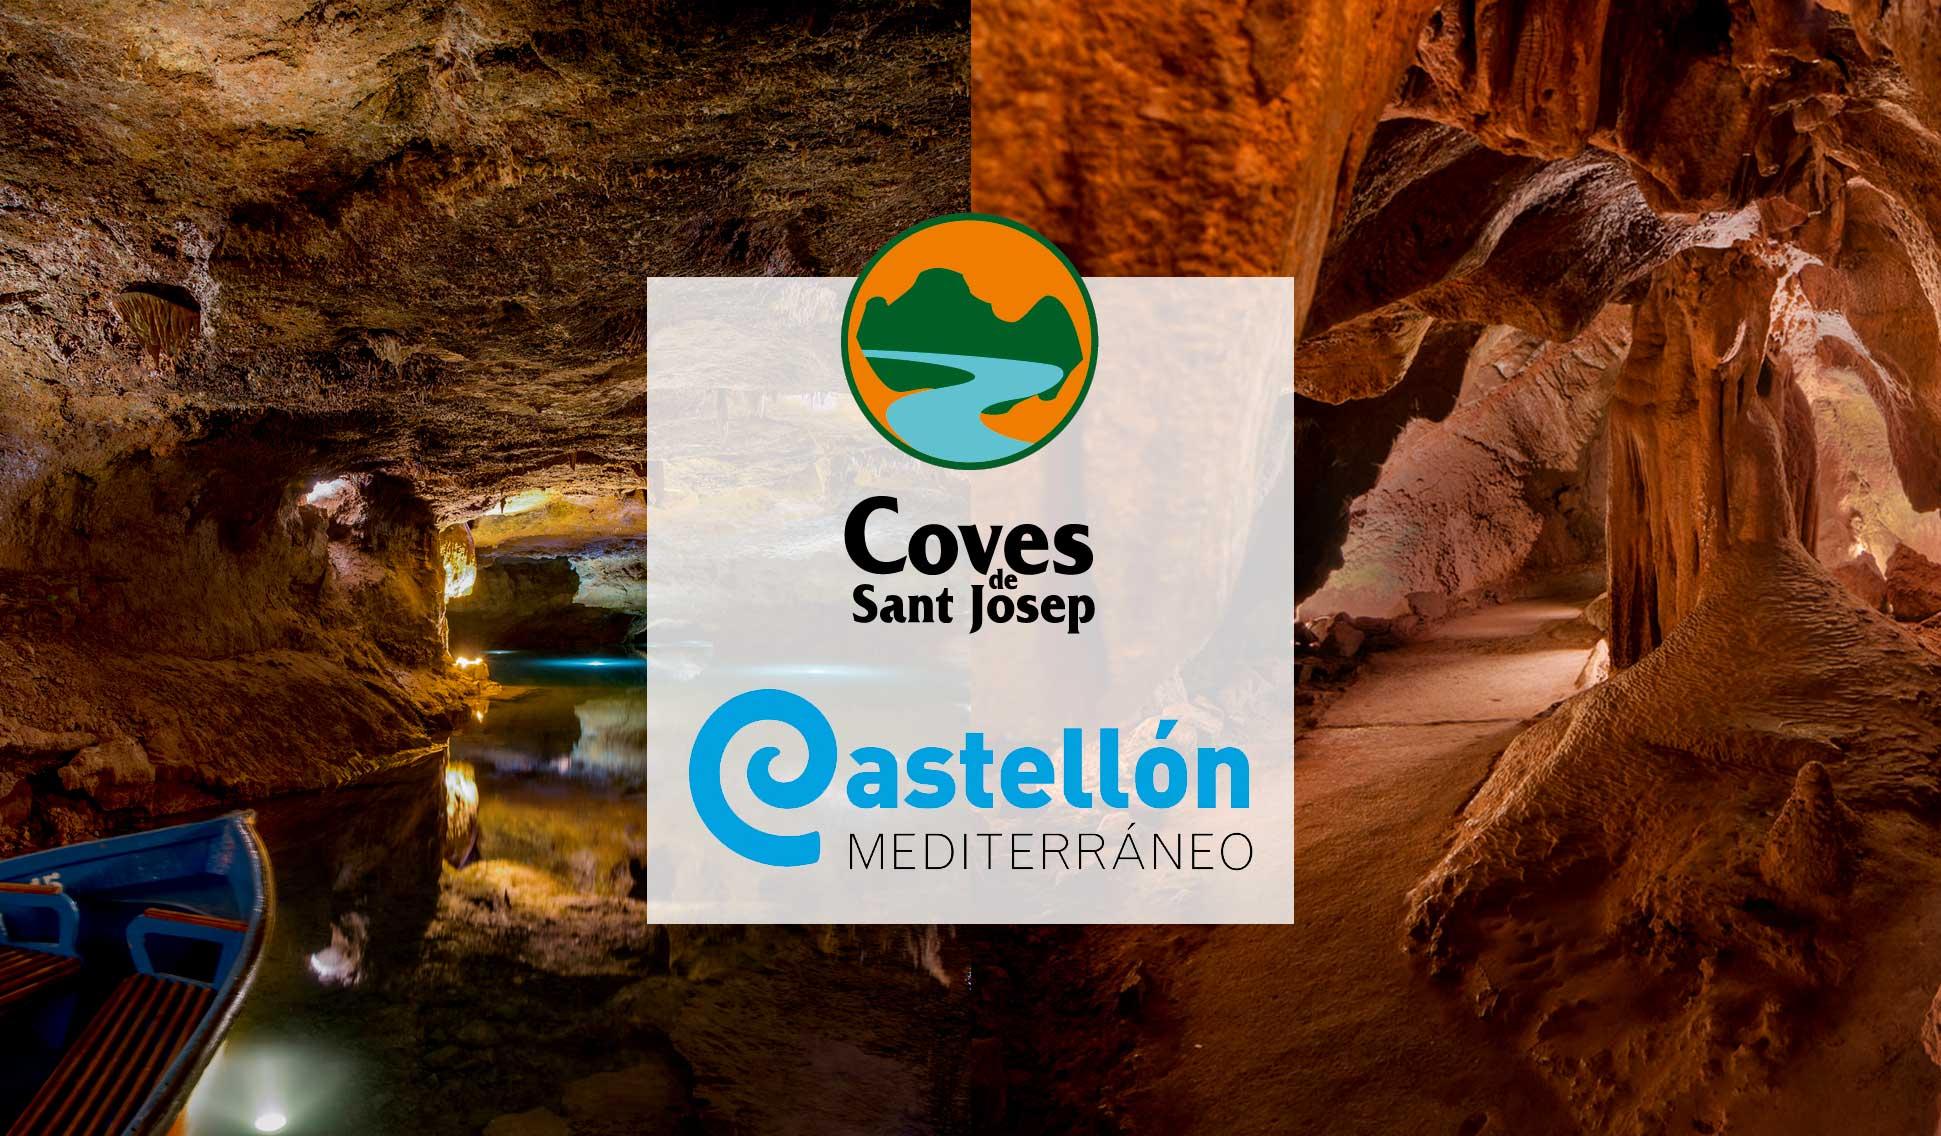 turismo-de-castellon-coves-sant-josep